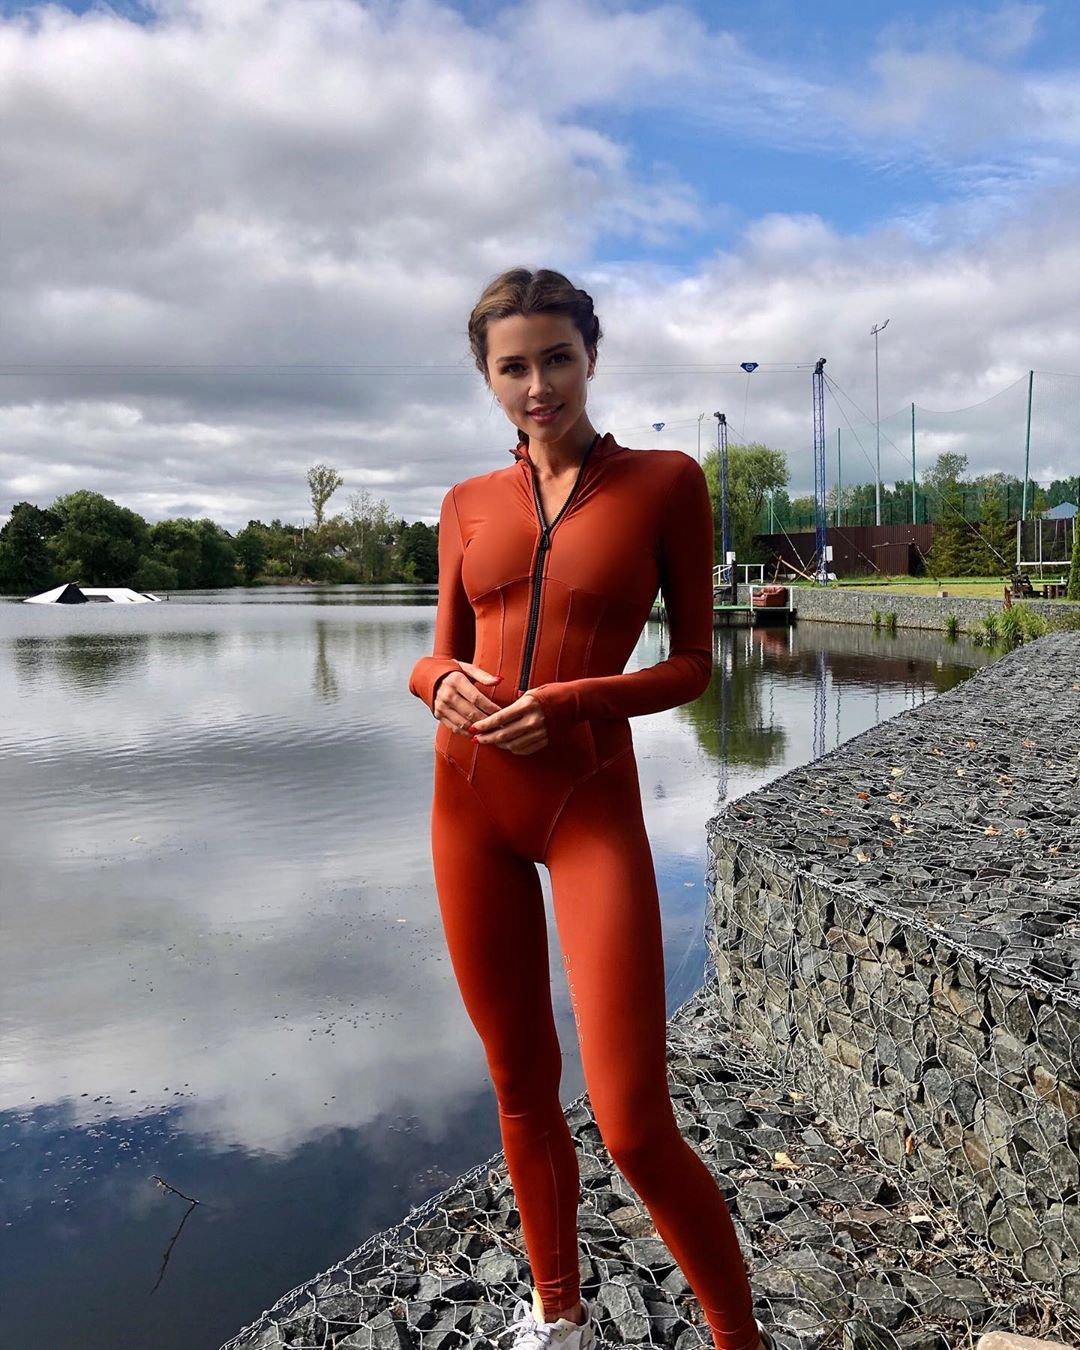 Анна Заворотнюк показала точёную фигурку в костюме для сёрфинга